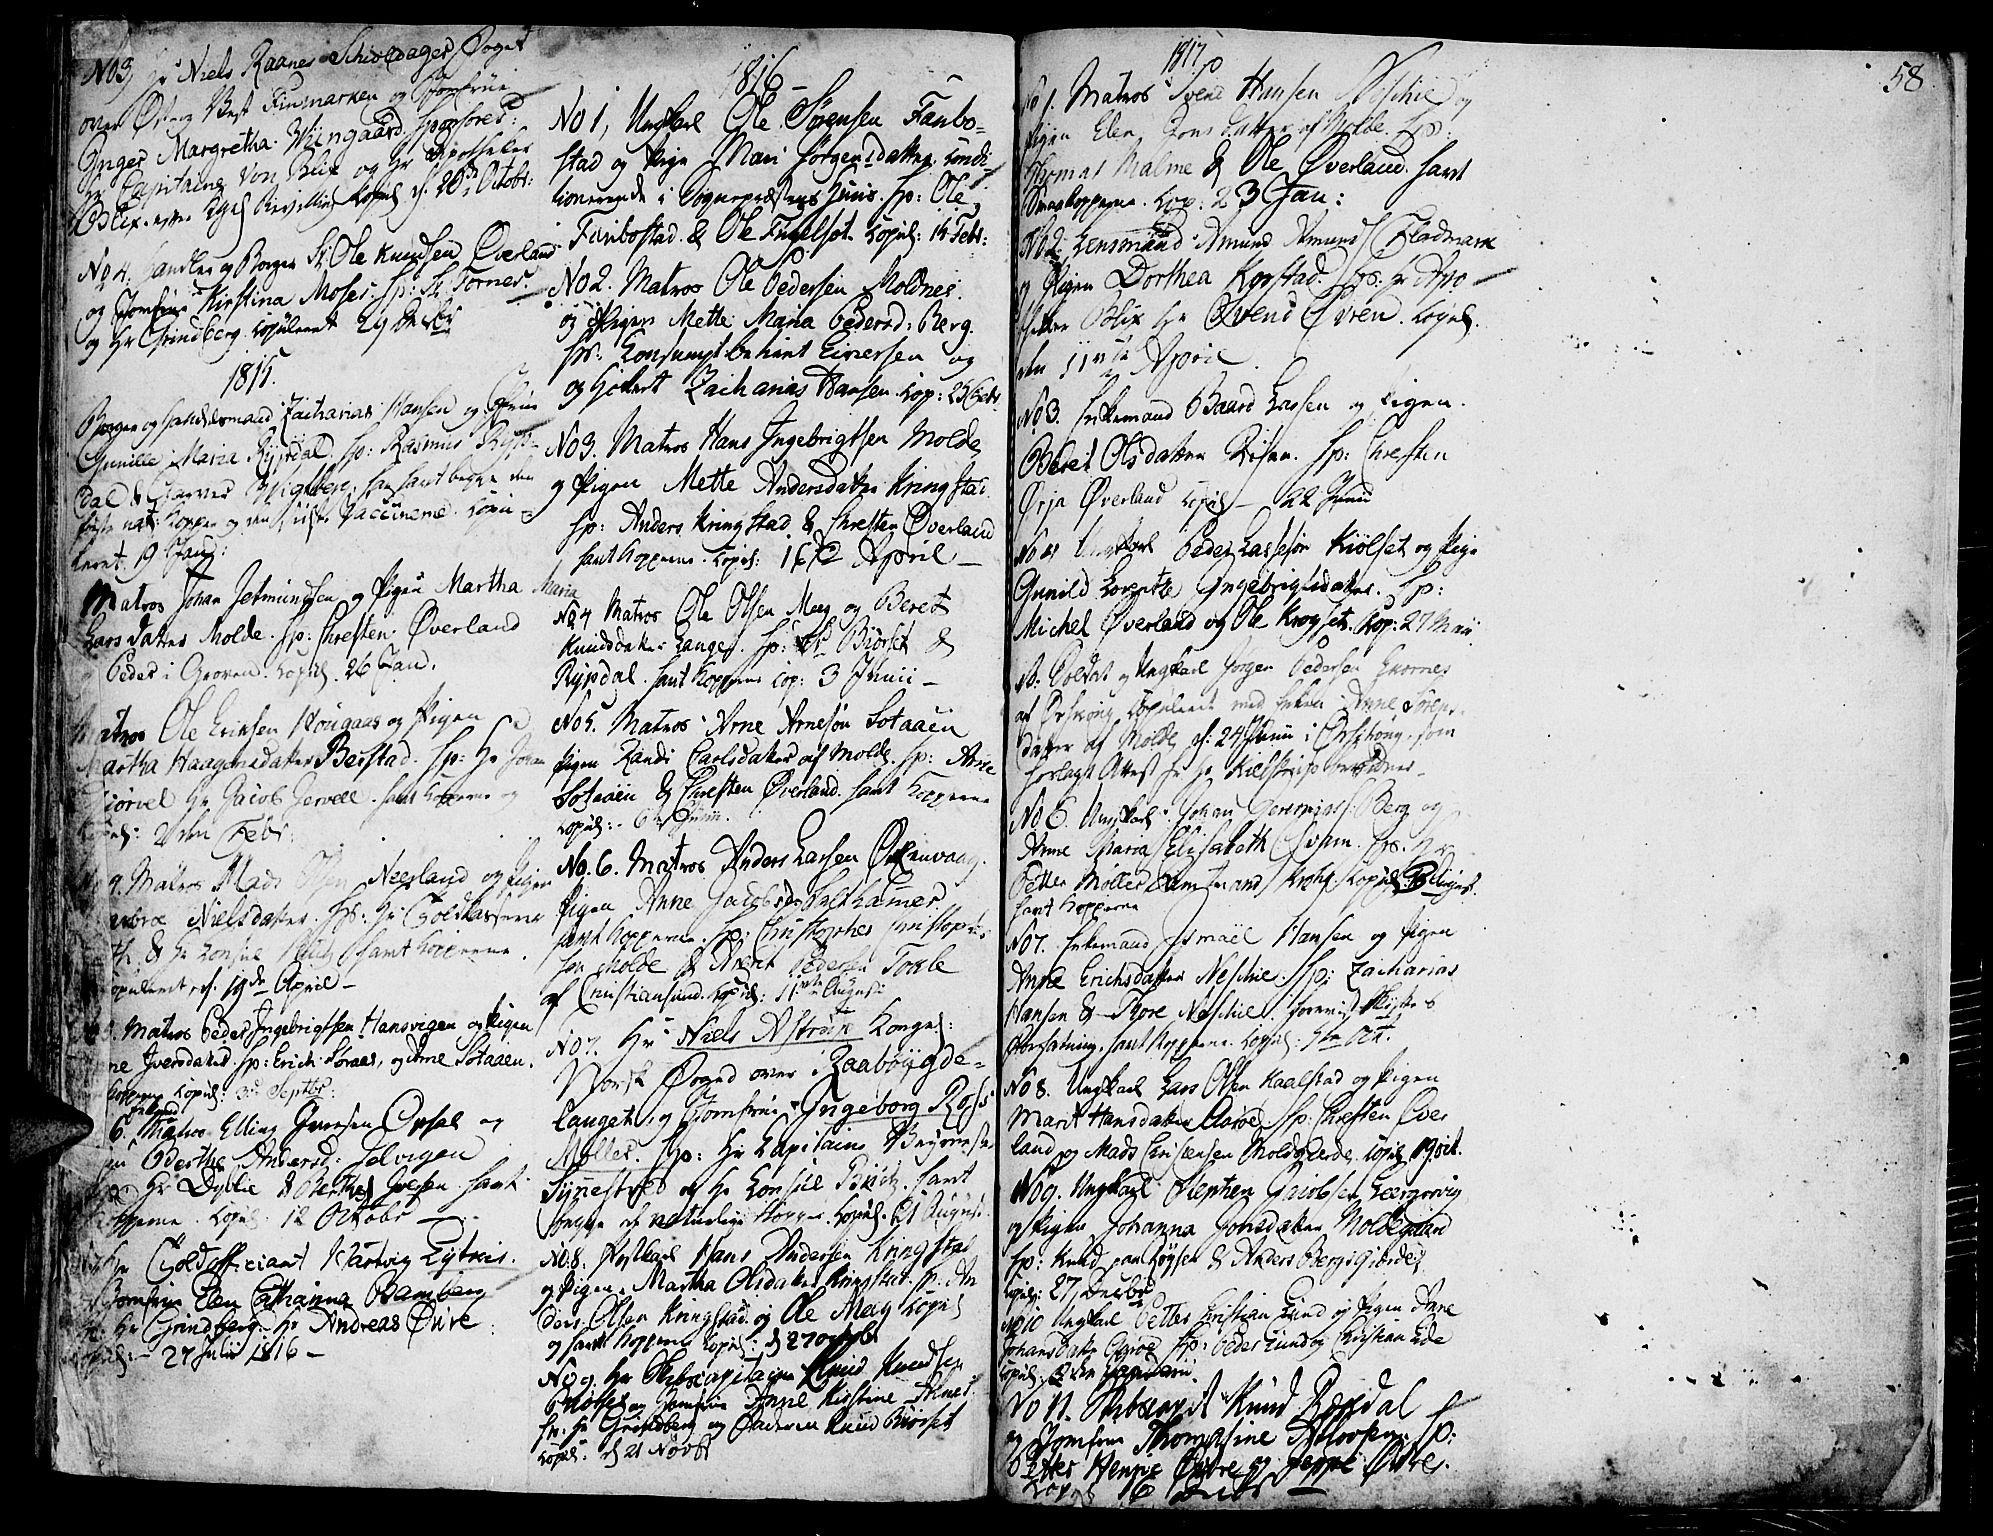 SAT, Ministerialprotokoller, klokkerbøker og fødselsregistre - Møre og Romsdal, 558/L0687: Ministerialbok nr. 558A01, 1798-1818, s. 58